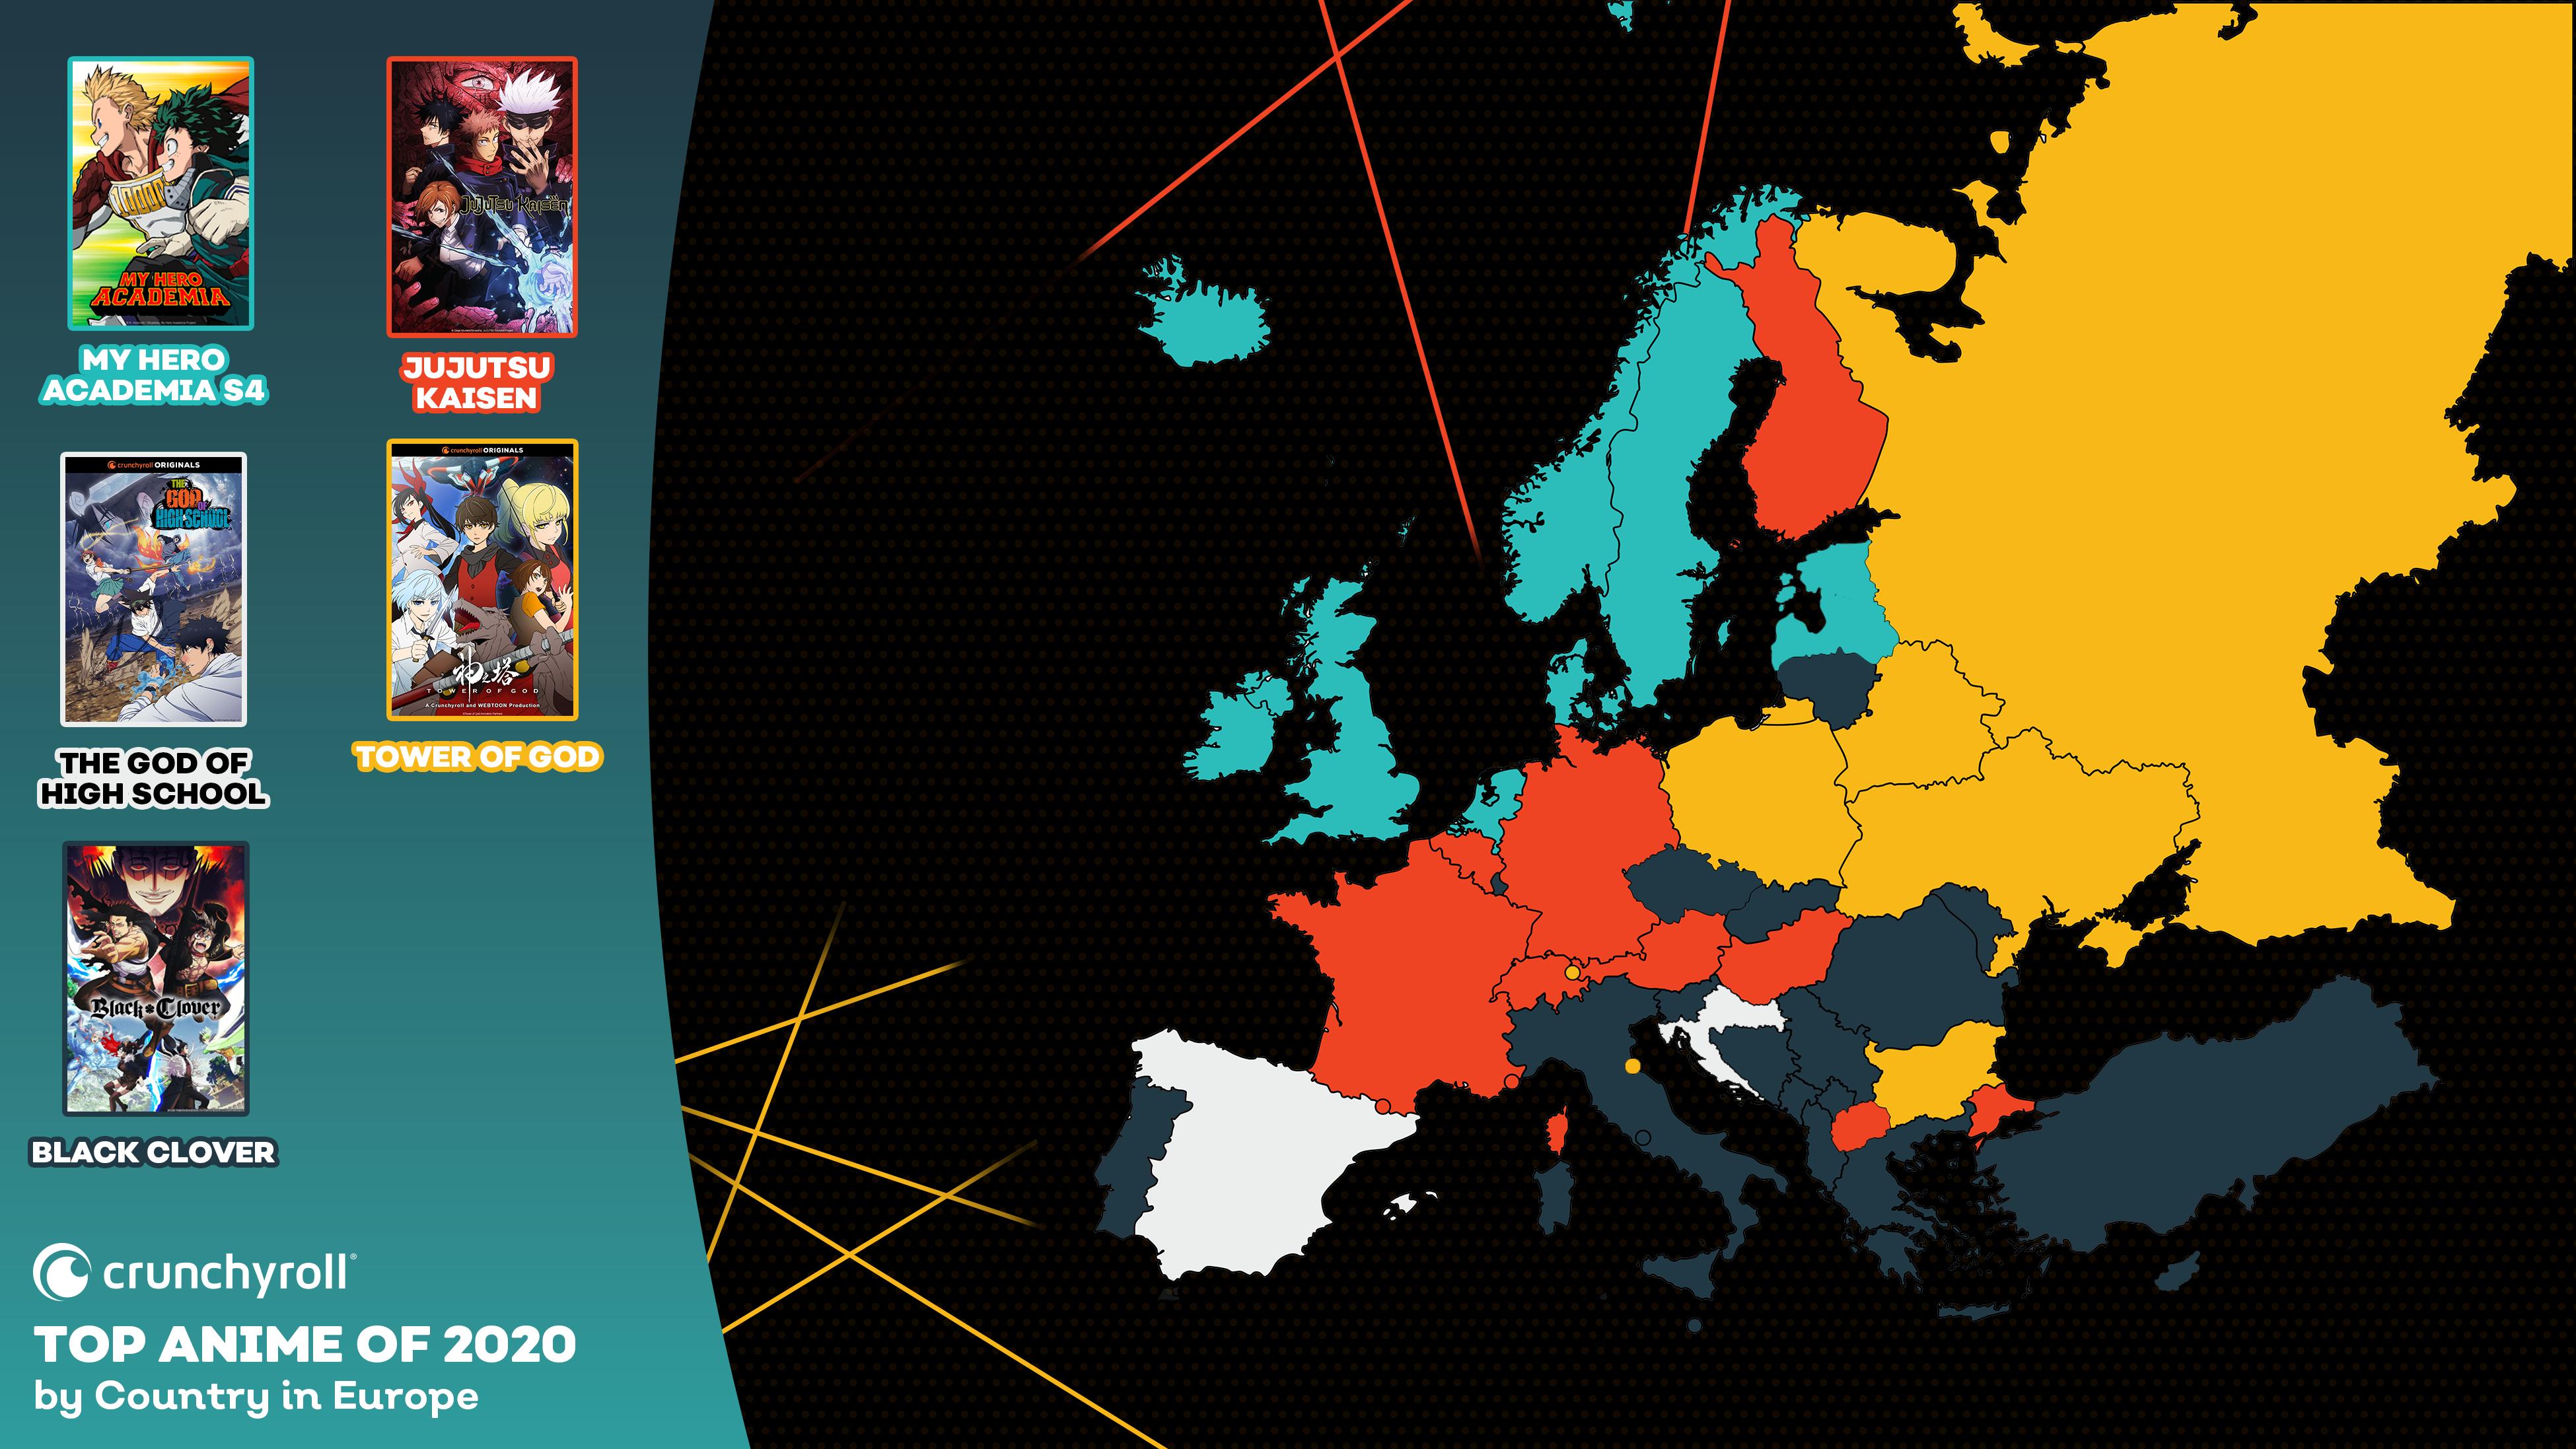 Mejor anime de 2020 por país - Europa